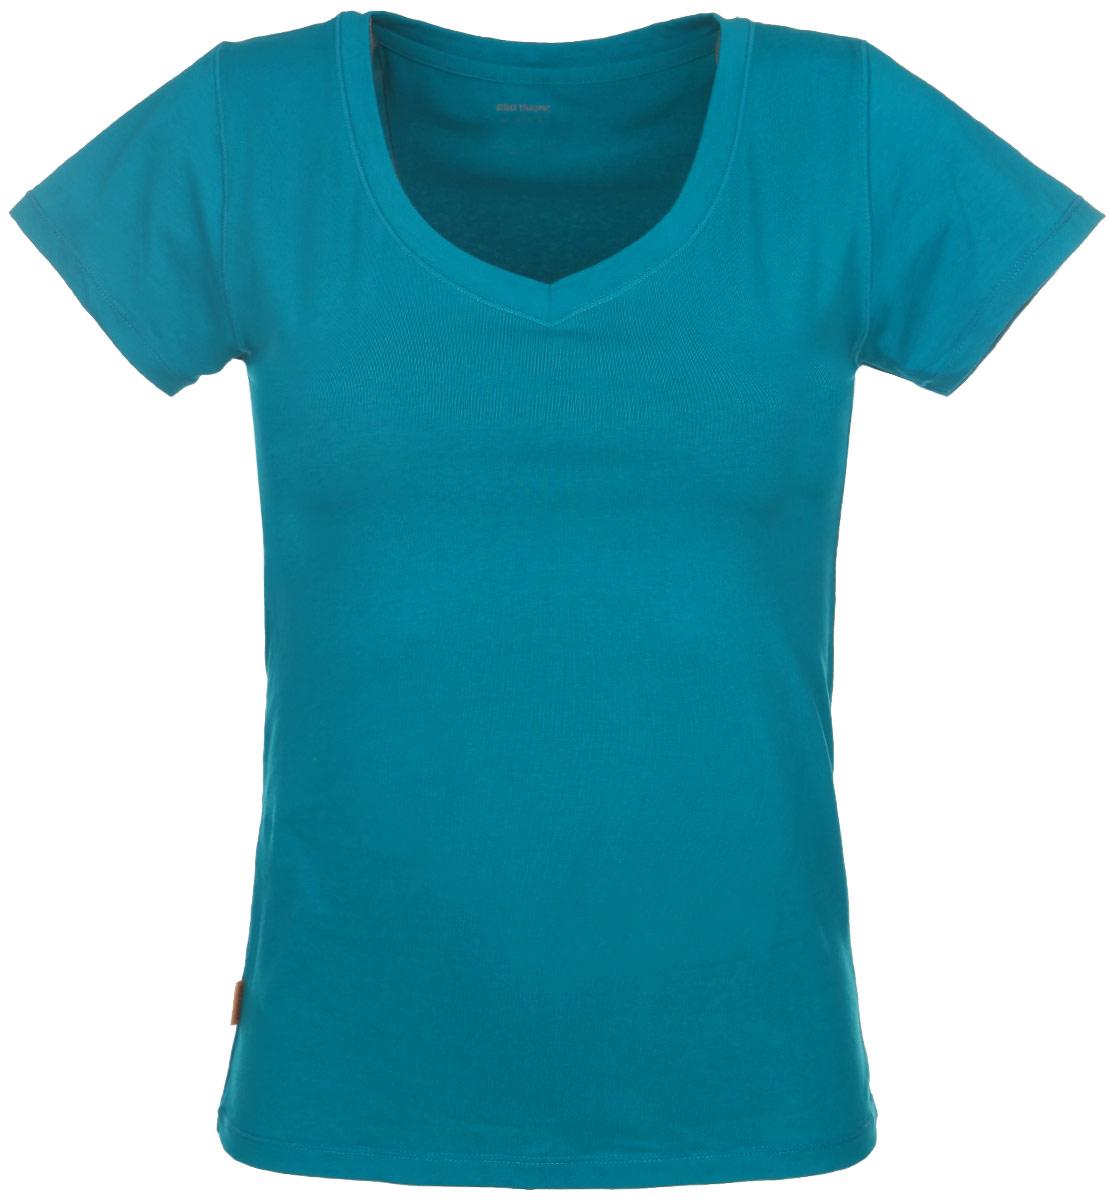 Футболка женская Alla Buone Liscio, цвет: изумрудный. 7047. Размер L (46/48)7047Женская футболка Alla Buone Liscio, выполненная из эластичного хлопка, идеально подойдет для повседневной носки. Материал изделия мягкий, тактильно приятный, не сковывает движения и позволяет коже дышать.Футболка с V-образным вырезом горловины и короткими рукавами имеет слегка приталенный силуэт. Вырез горловины оформлен мягкой окантовочной лентой. Изделие дополнено фирменным логотипом, вшитым в боковой шов.Такая модель будет дарить вам комфорт в течение всего дня и станет отличным дополнением к вашему гардеробу.